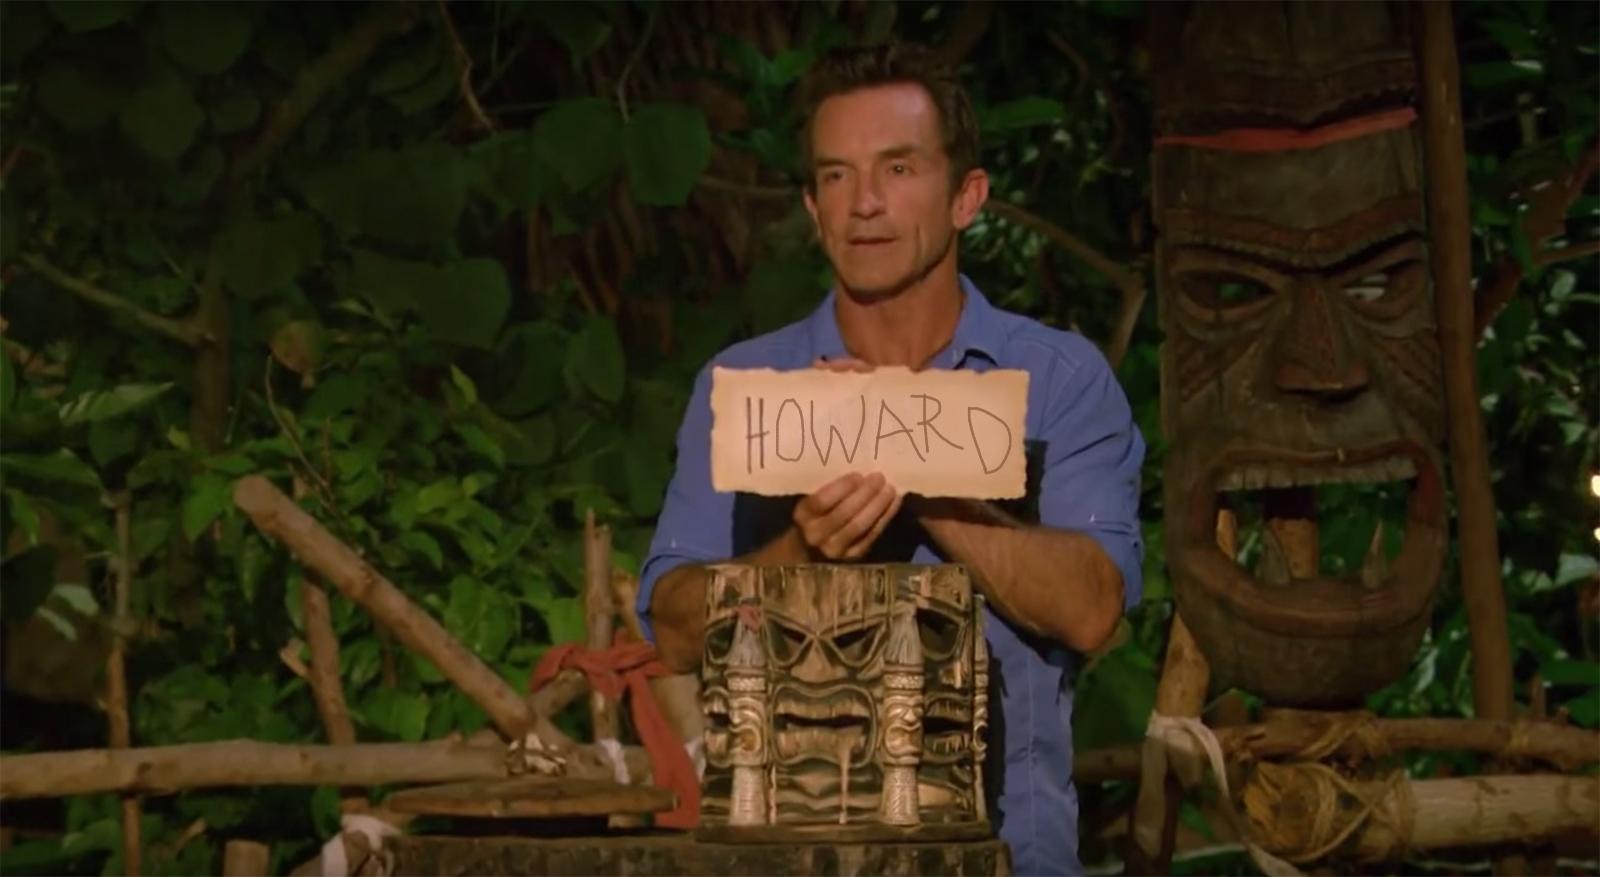 Howard Schultz: The Tribe Has Spoken